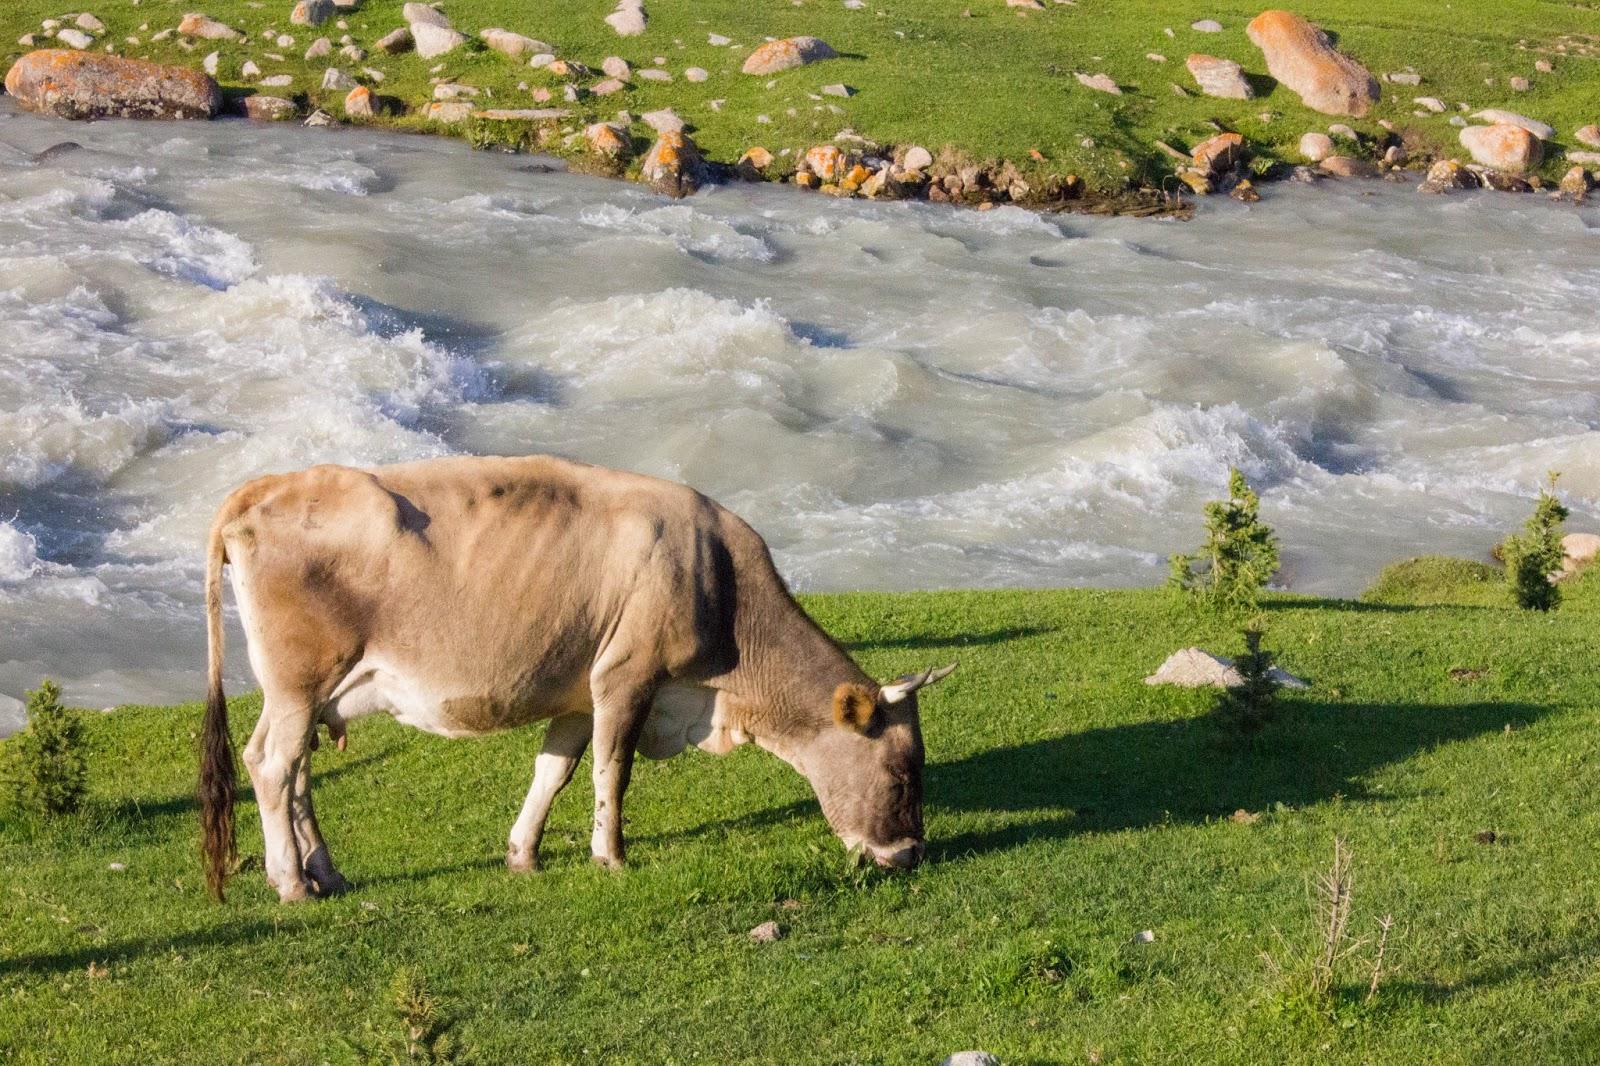 Кыргызстан, Джеты-Огуз, Иссык-Куль, корова, река